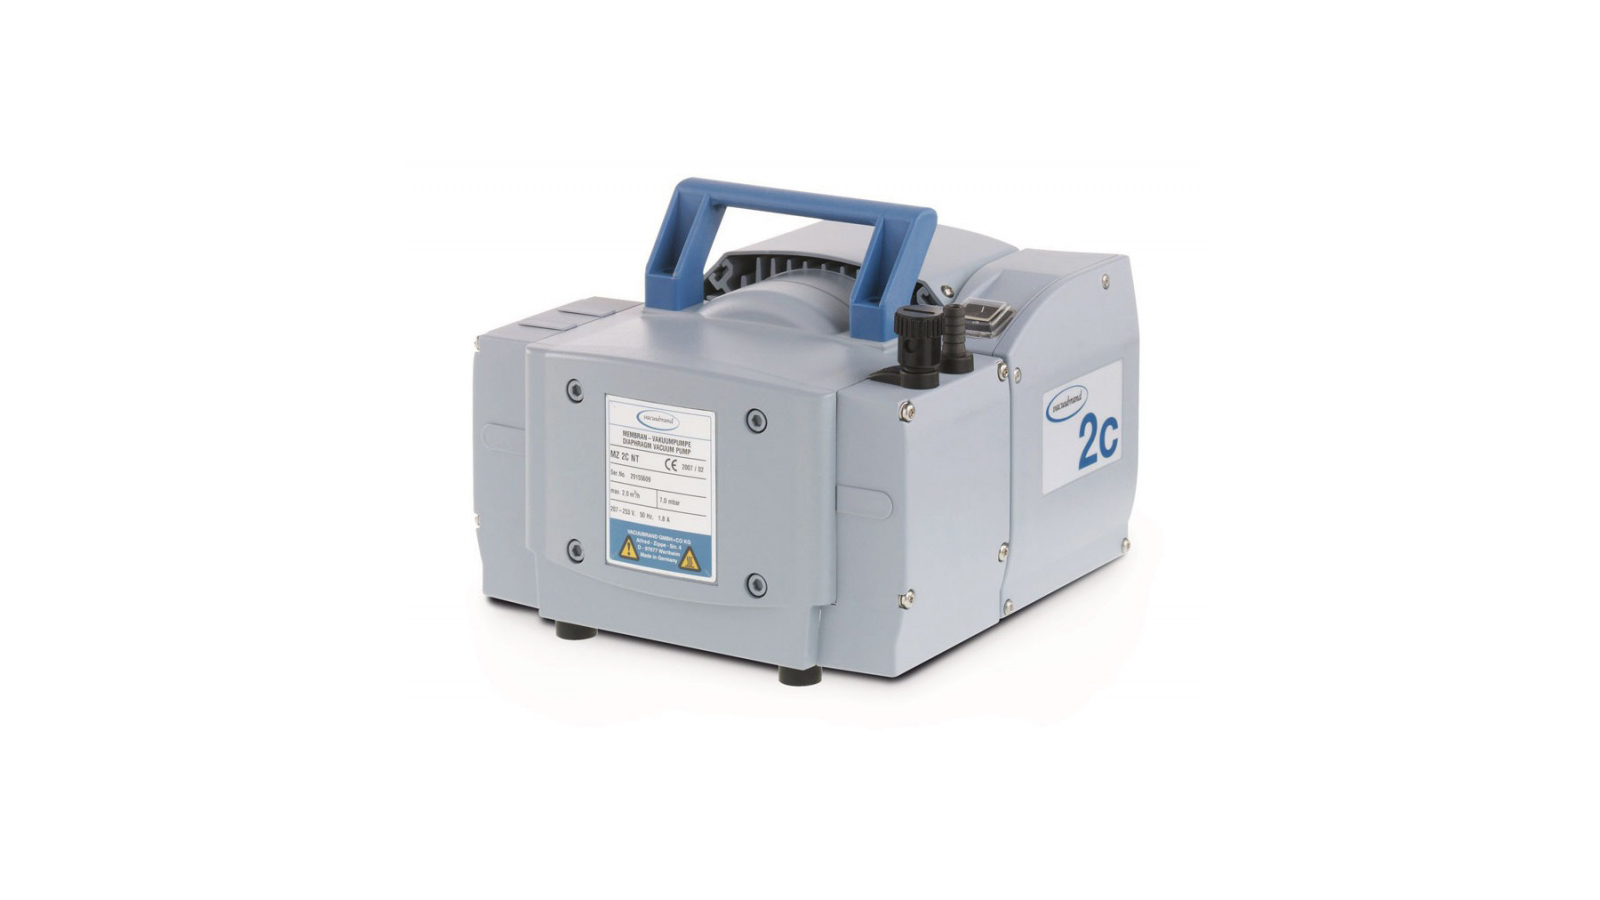 Vacuubrand MZ 2C NT Vakum Pompası || Merlab Laboratuvar Ekipmanları